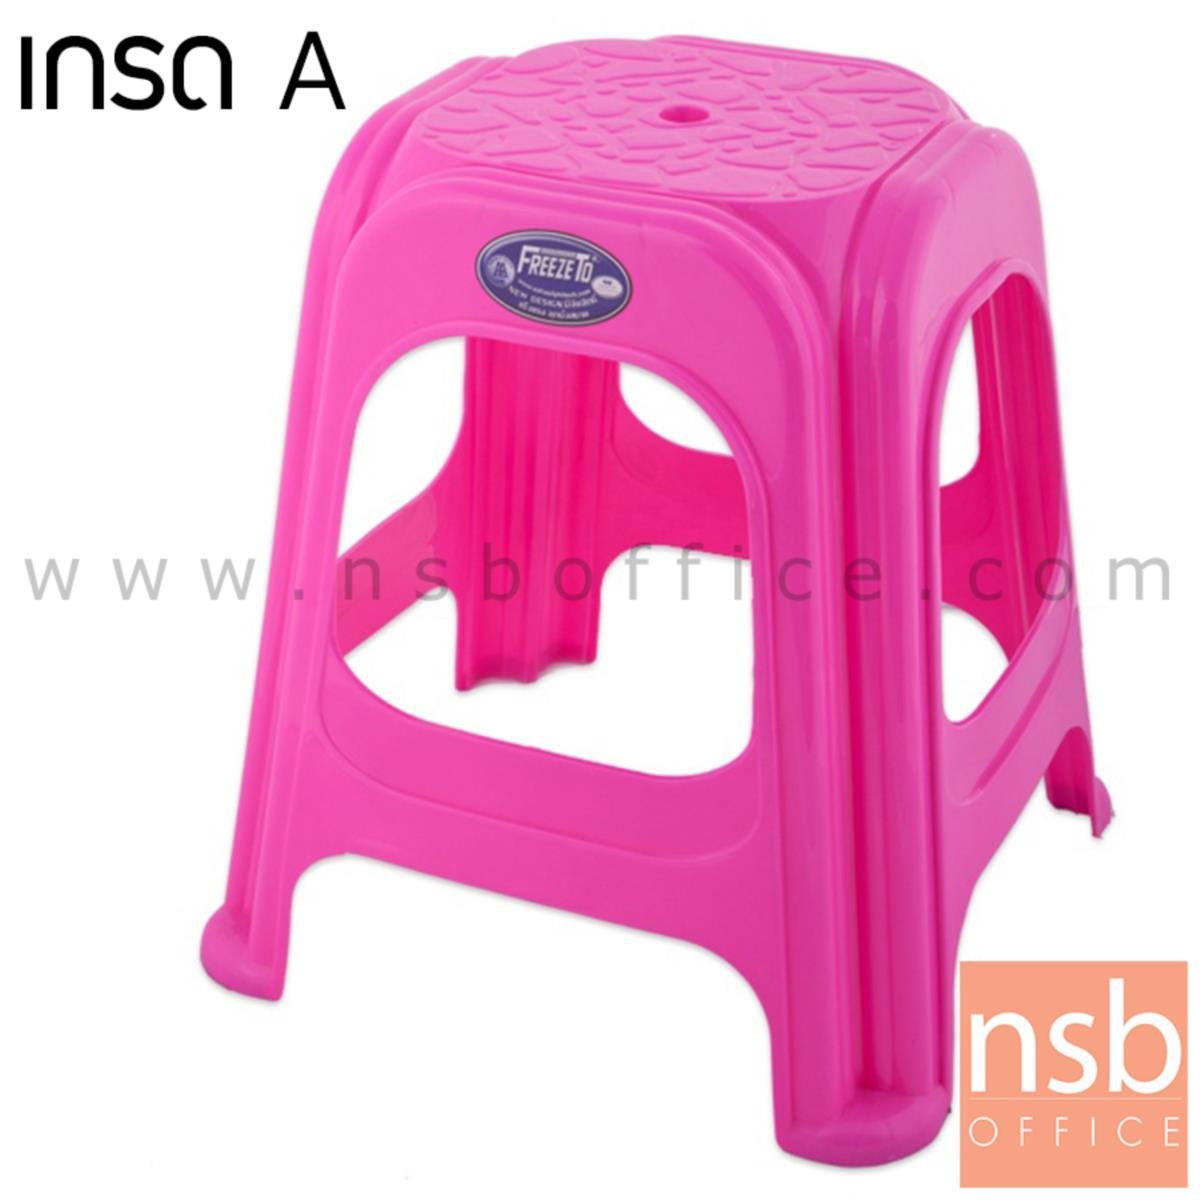 B10A059:เก้าอี้พลาสติก รุ่น SUMO_CHAIR ซ้อนทับได้ (พลาสติกเกรด A)